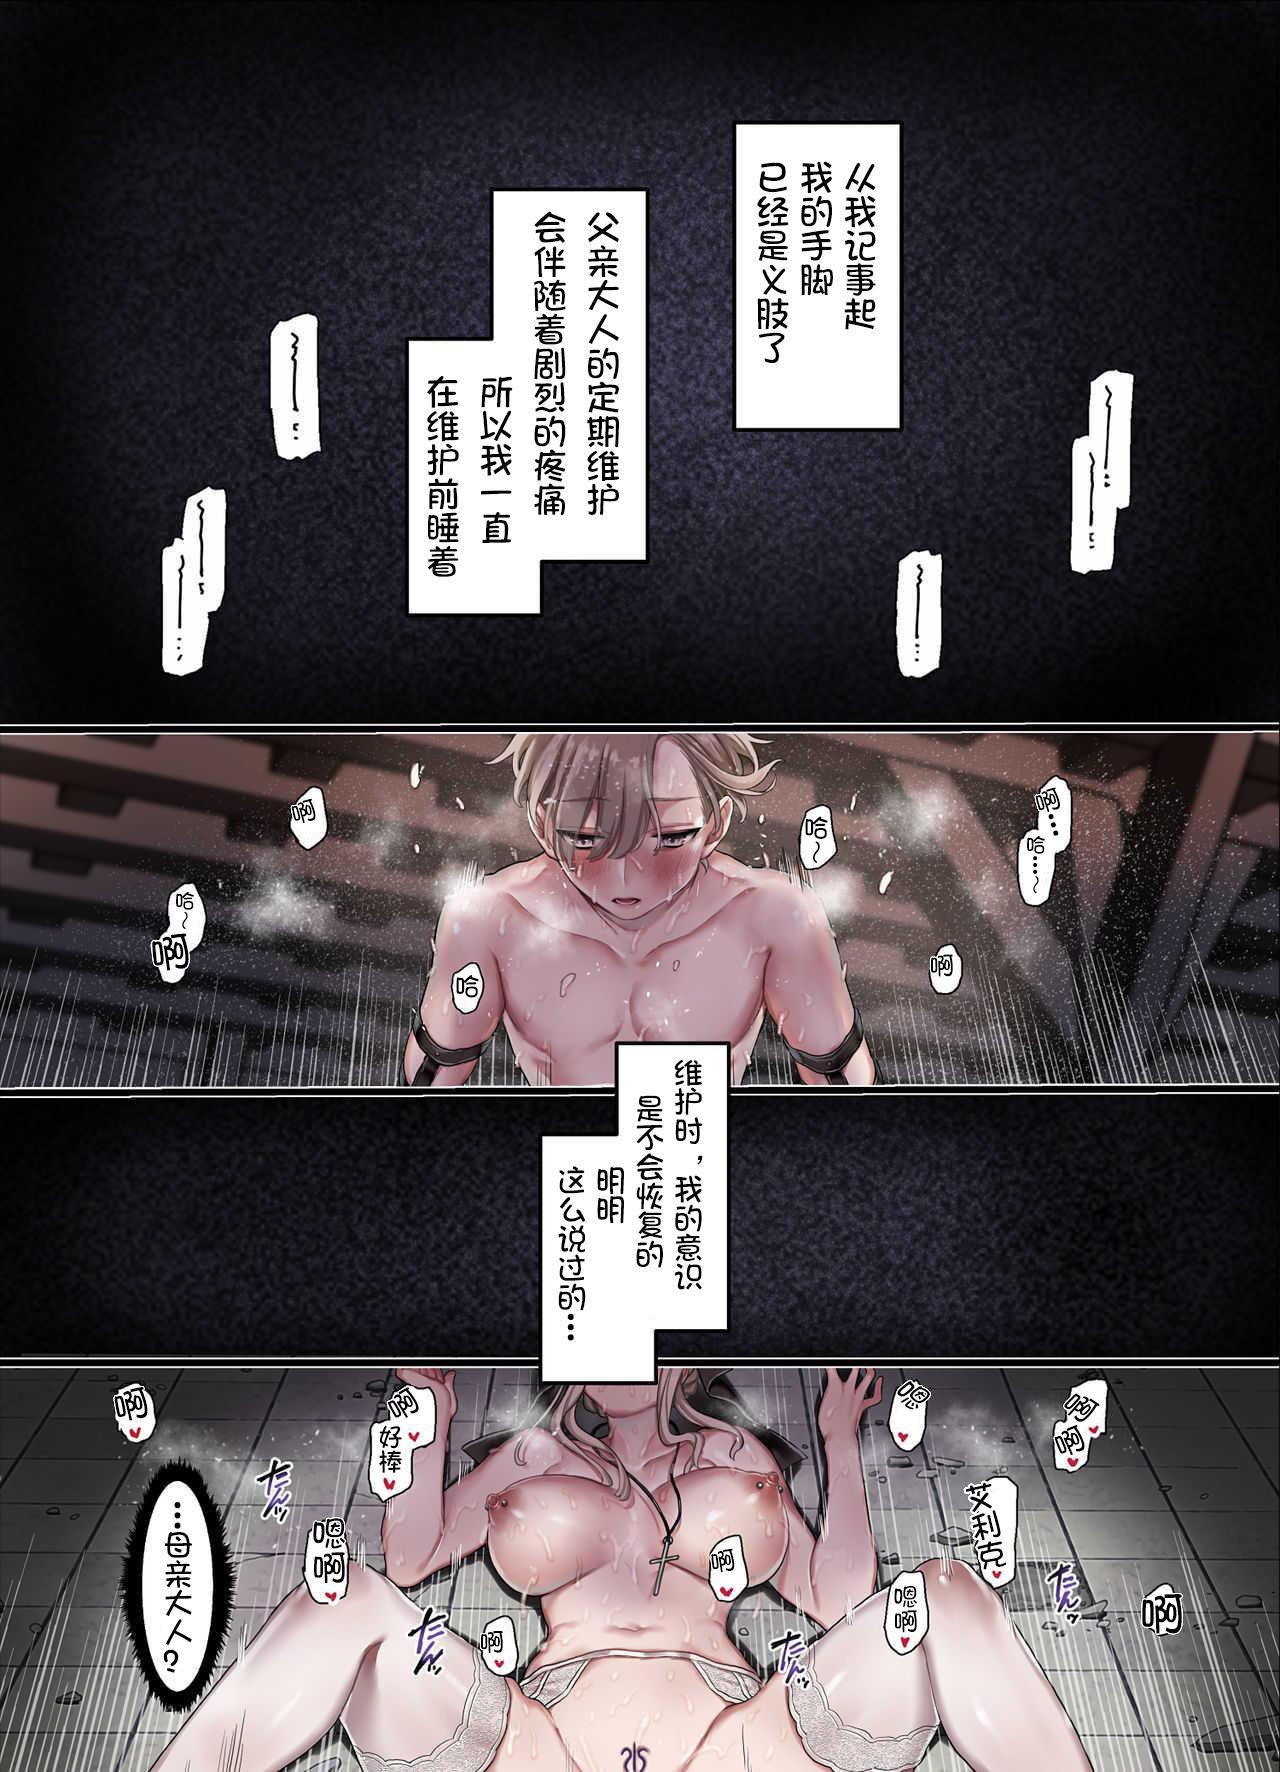 L Kyoukai to Itansha Ikka + 44